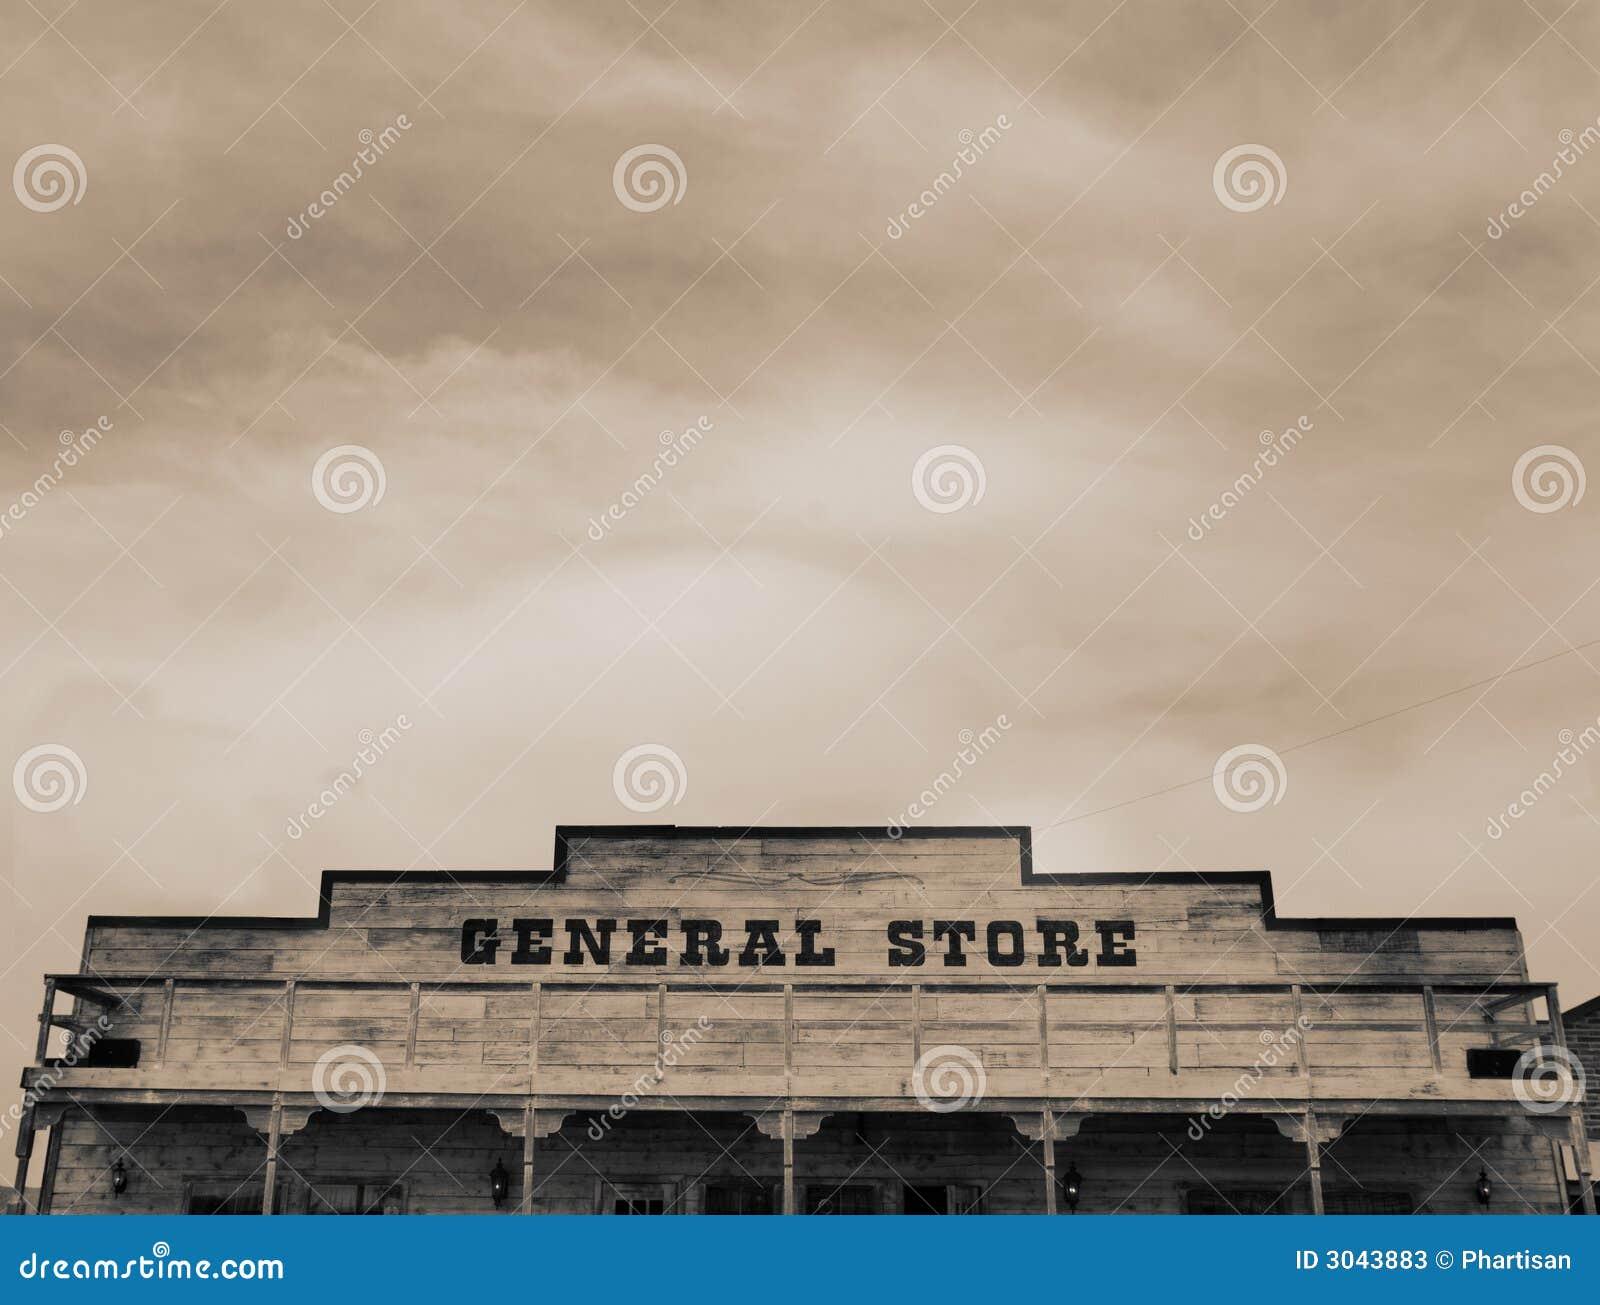 Vintage Western General Store